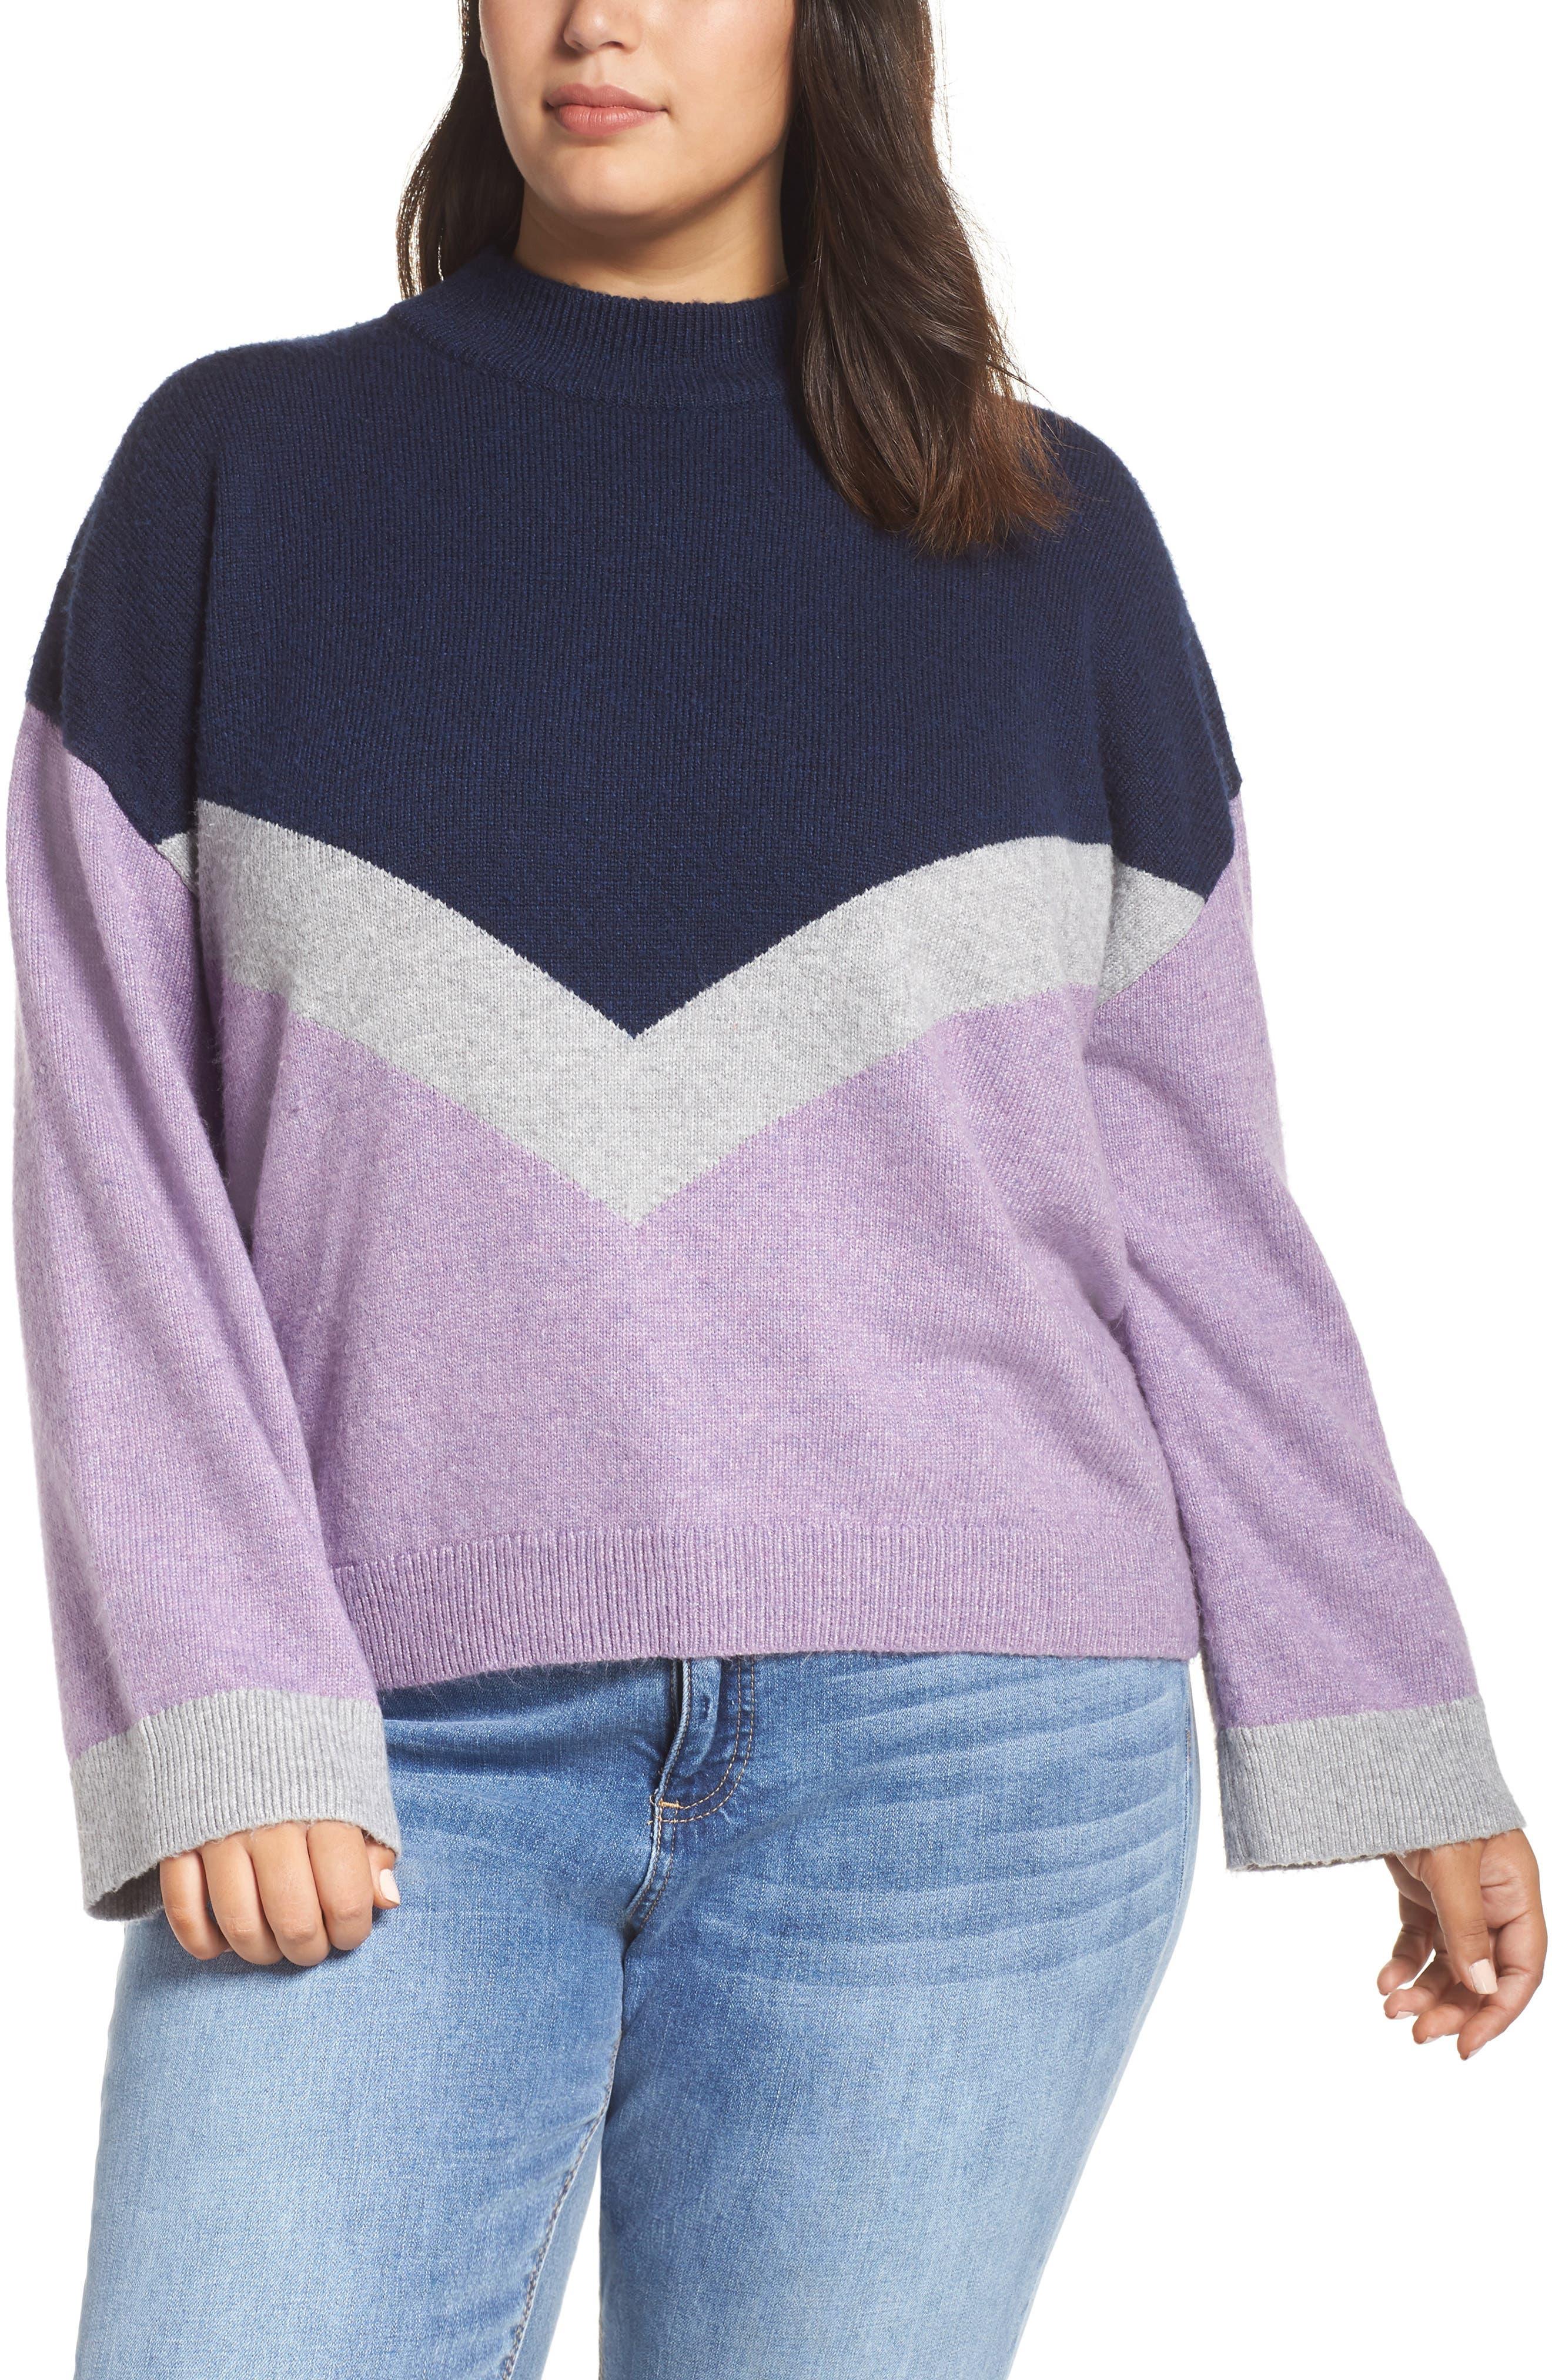 Chevron Stripe Sweater,                             Main thumbnail 1, color,                             PURPLE WAVE CHALET